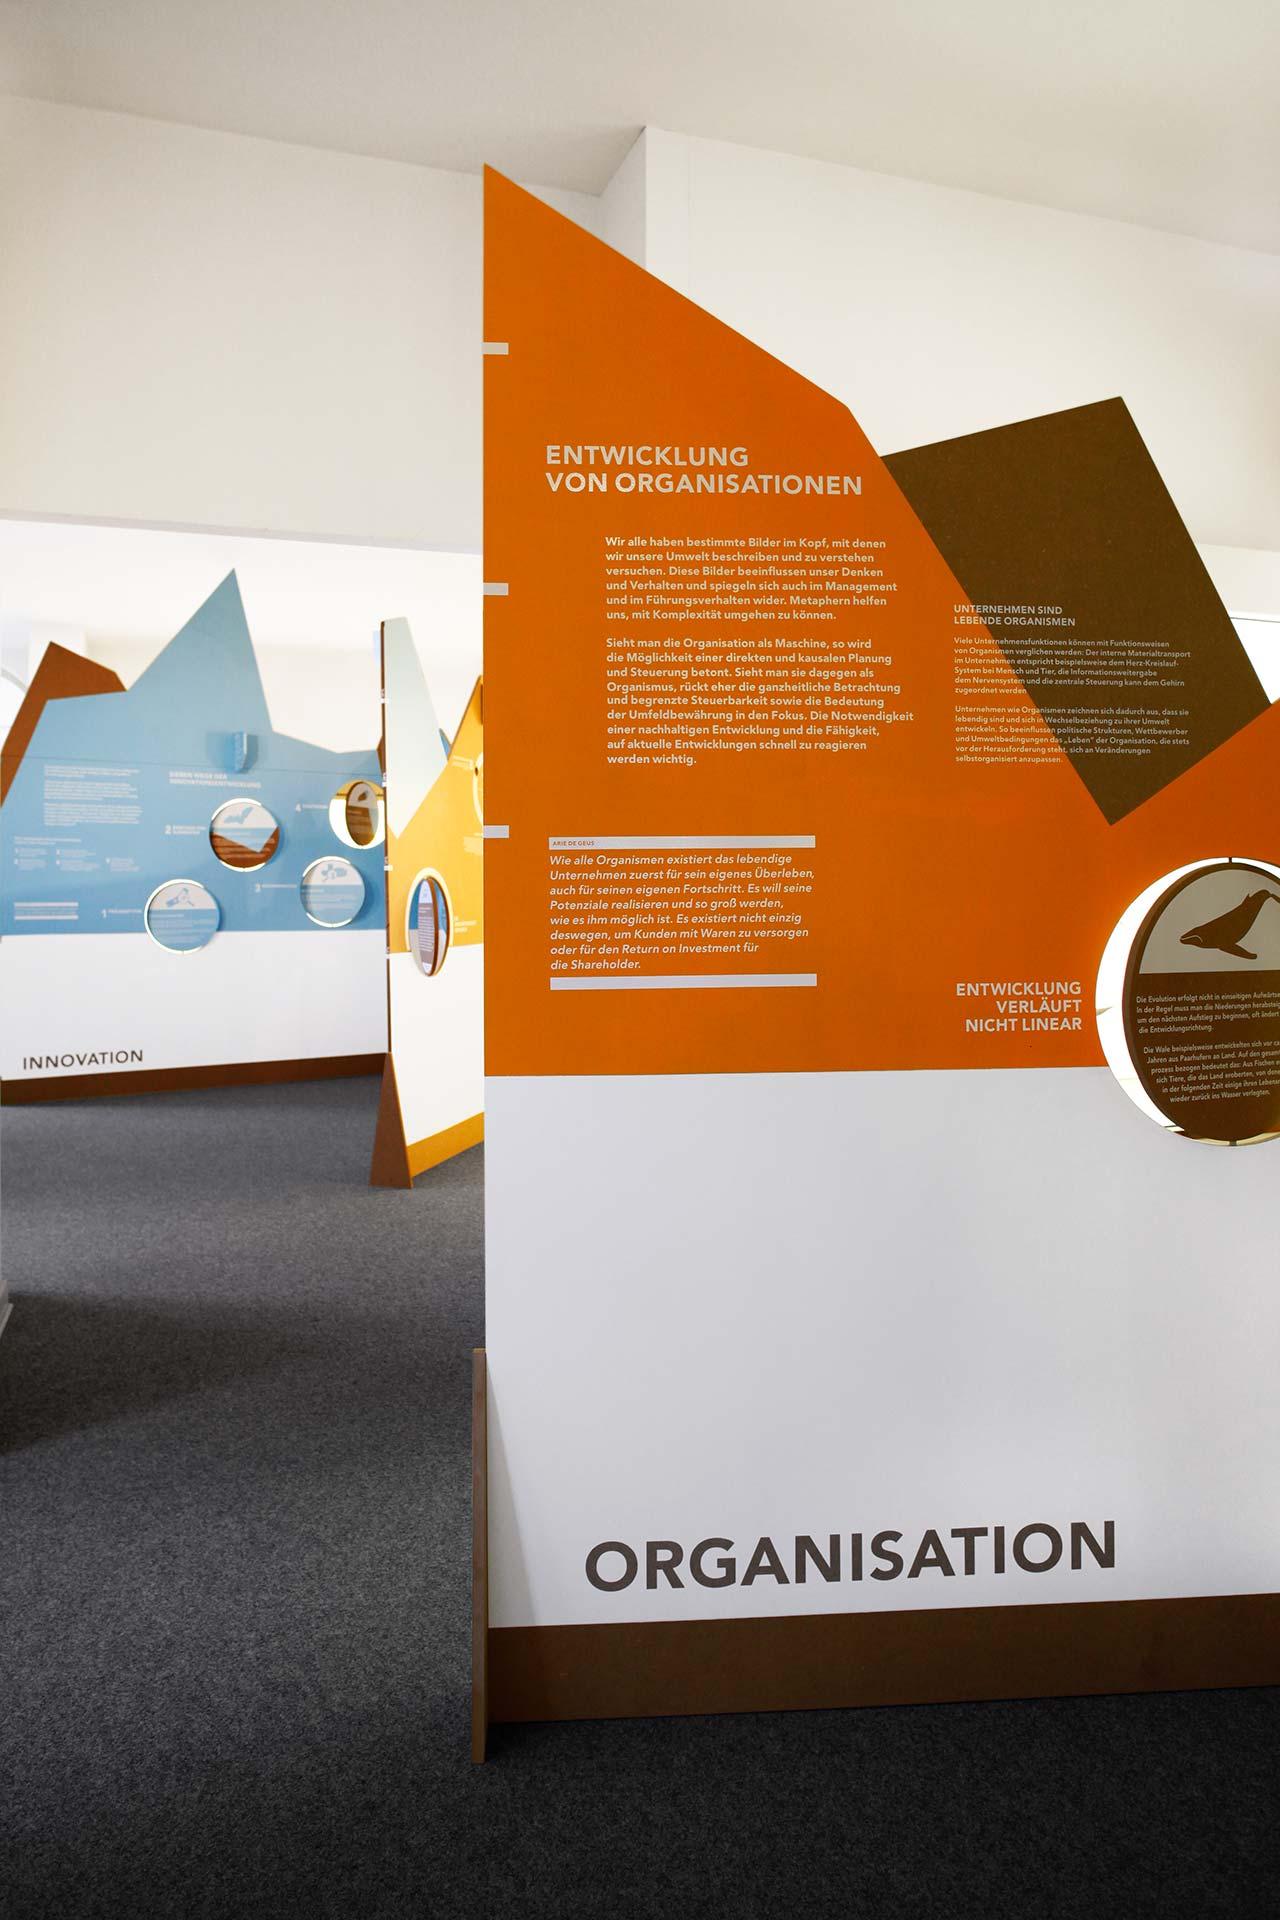 organisation entwicklung vor